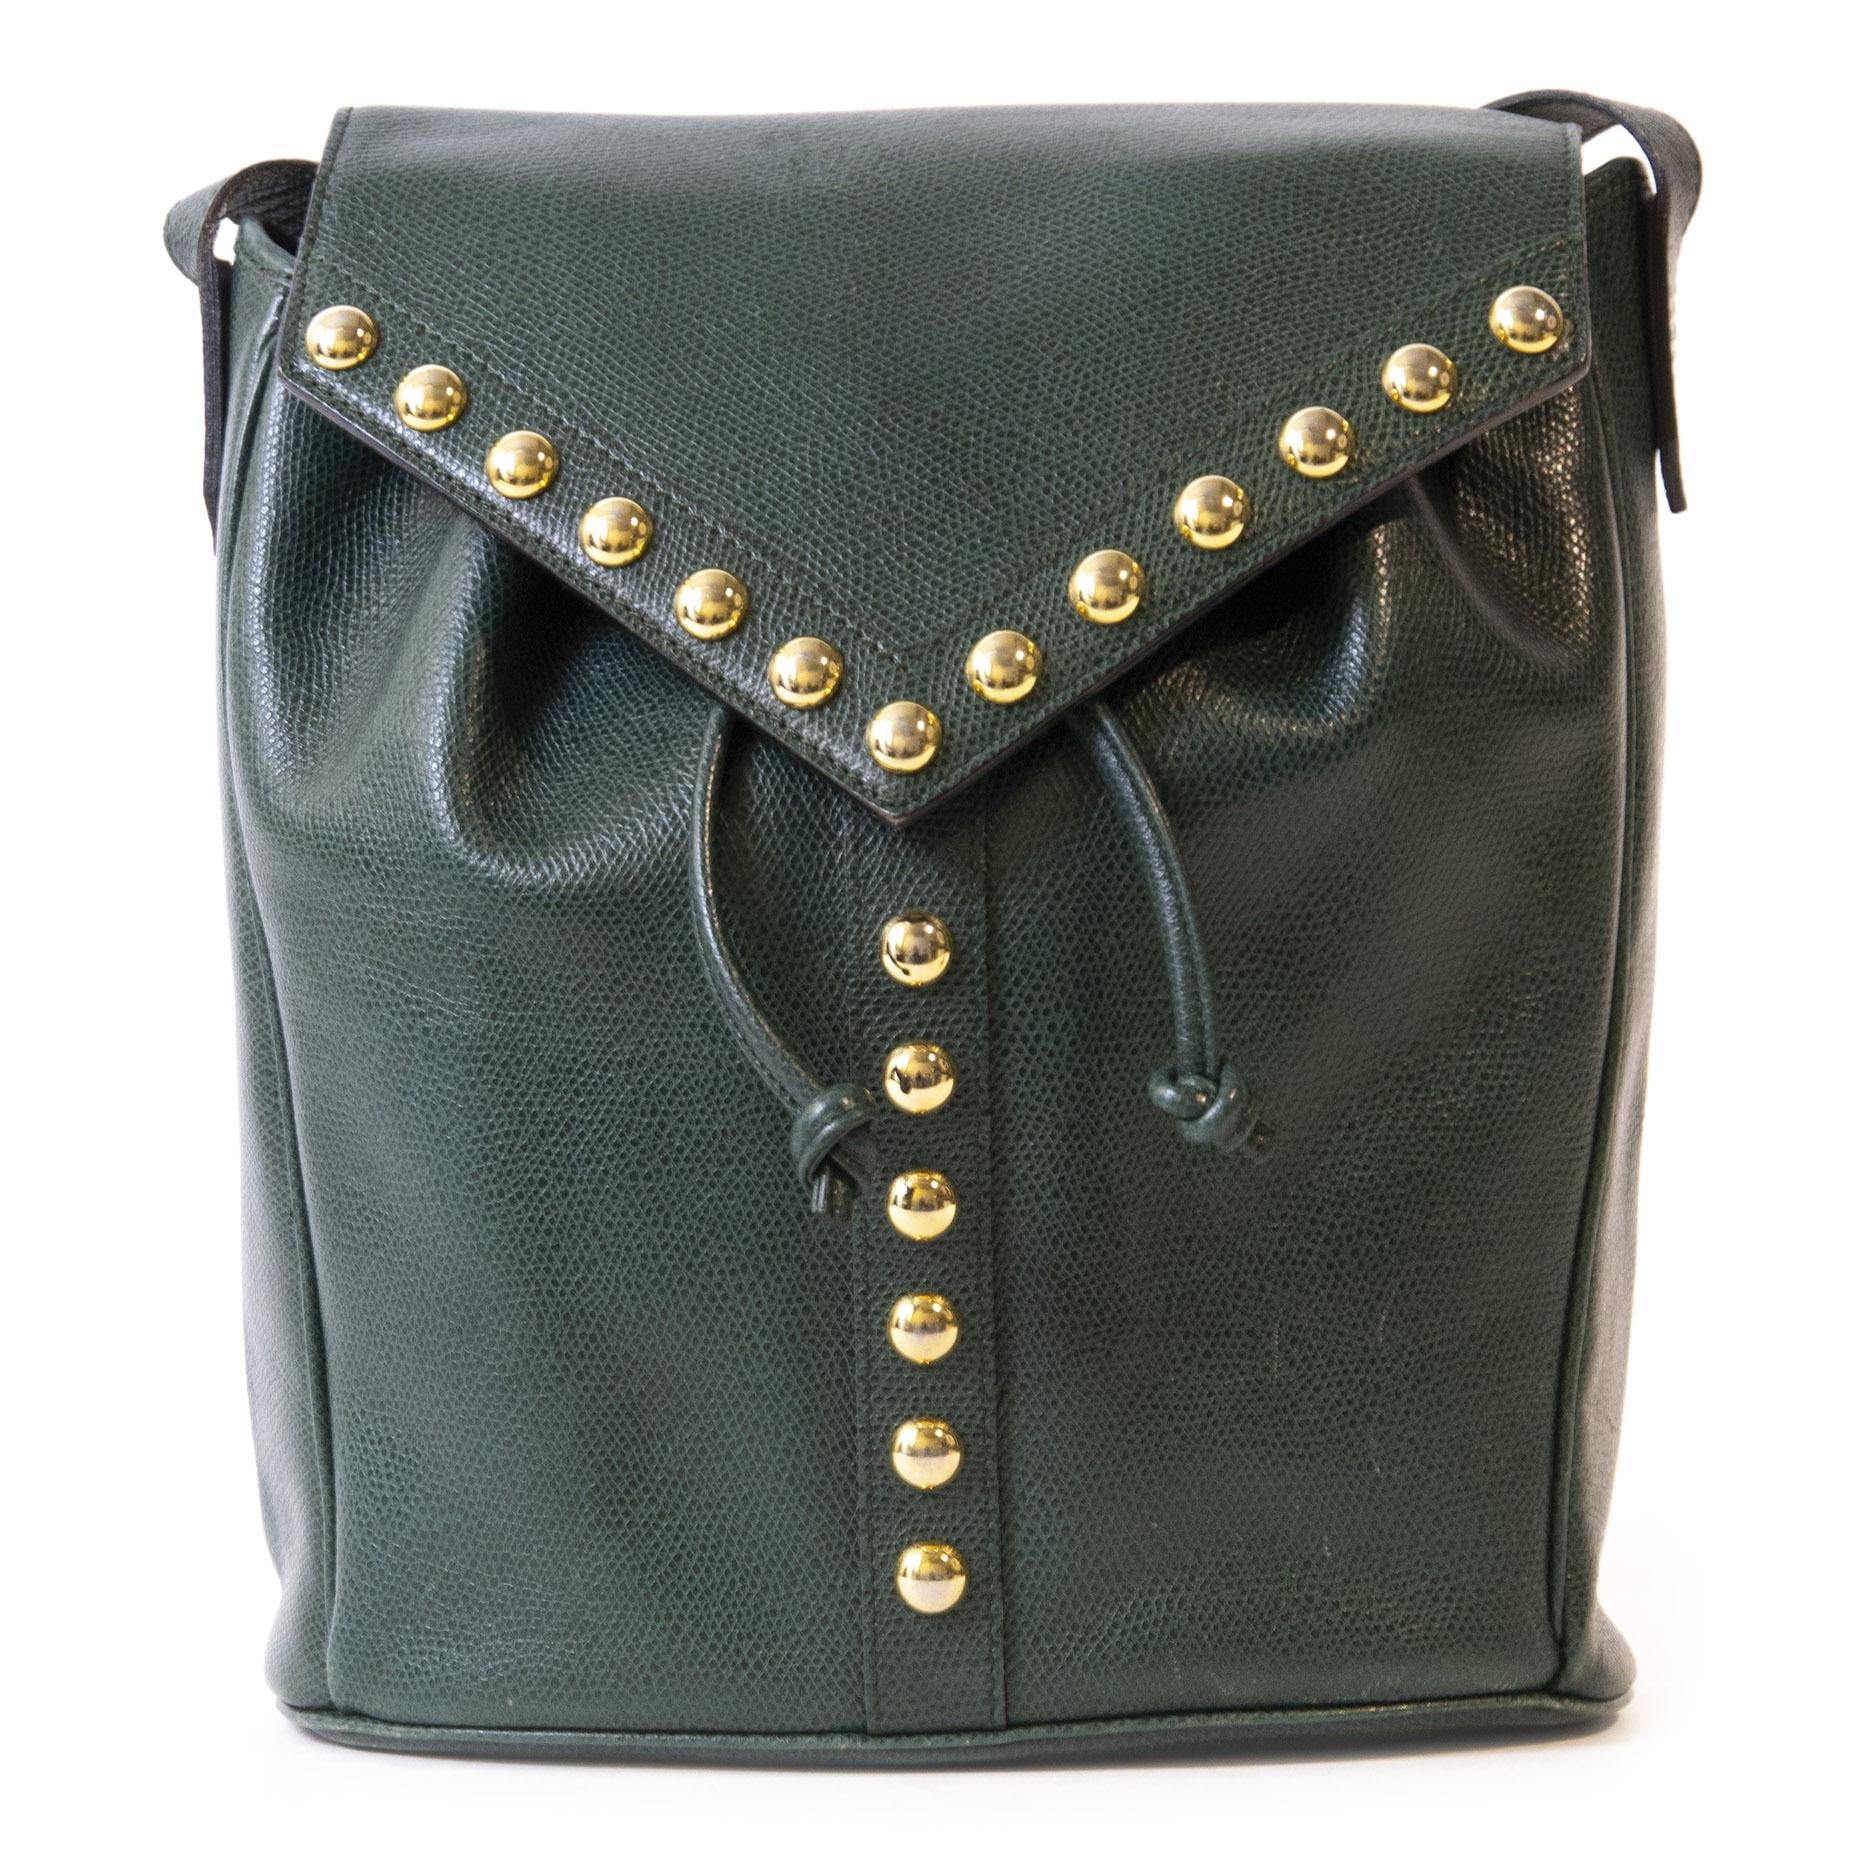 Authentieke Tweedehands Yves Saint Laurent Green Studded Bucket Bag juiste prijs veilig online winkelen luxe merken webshop Antwerpen België winkelen mode fashion